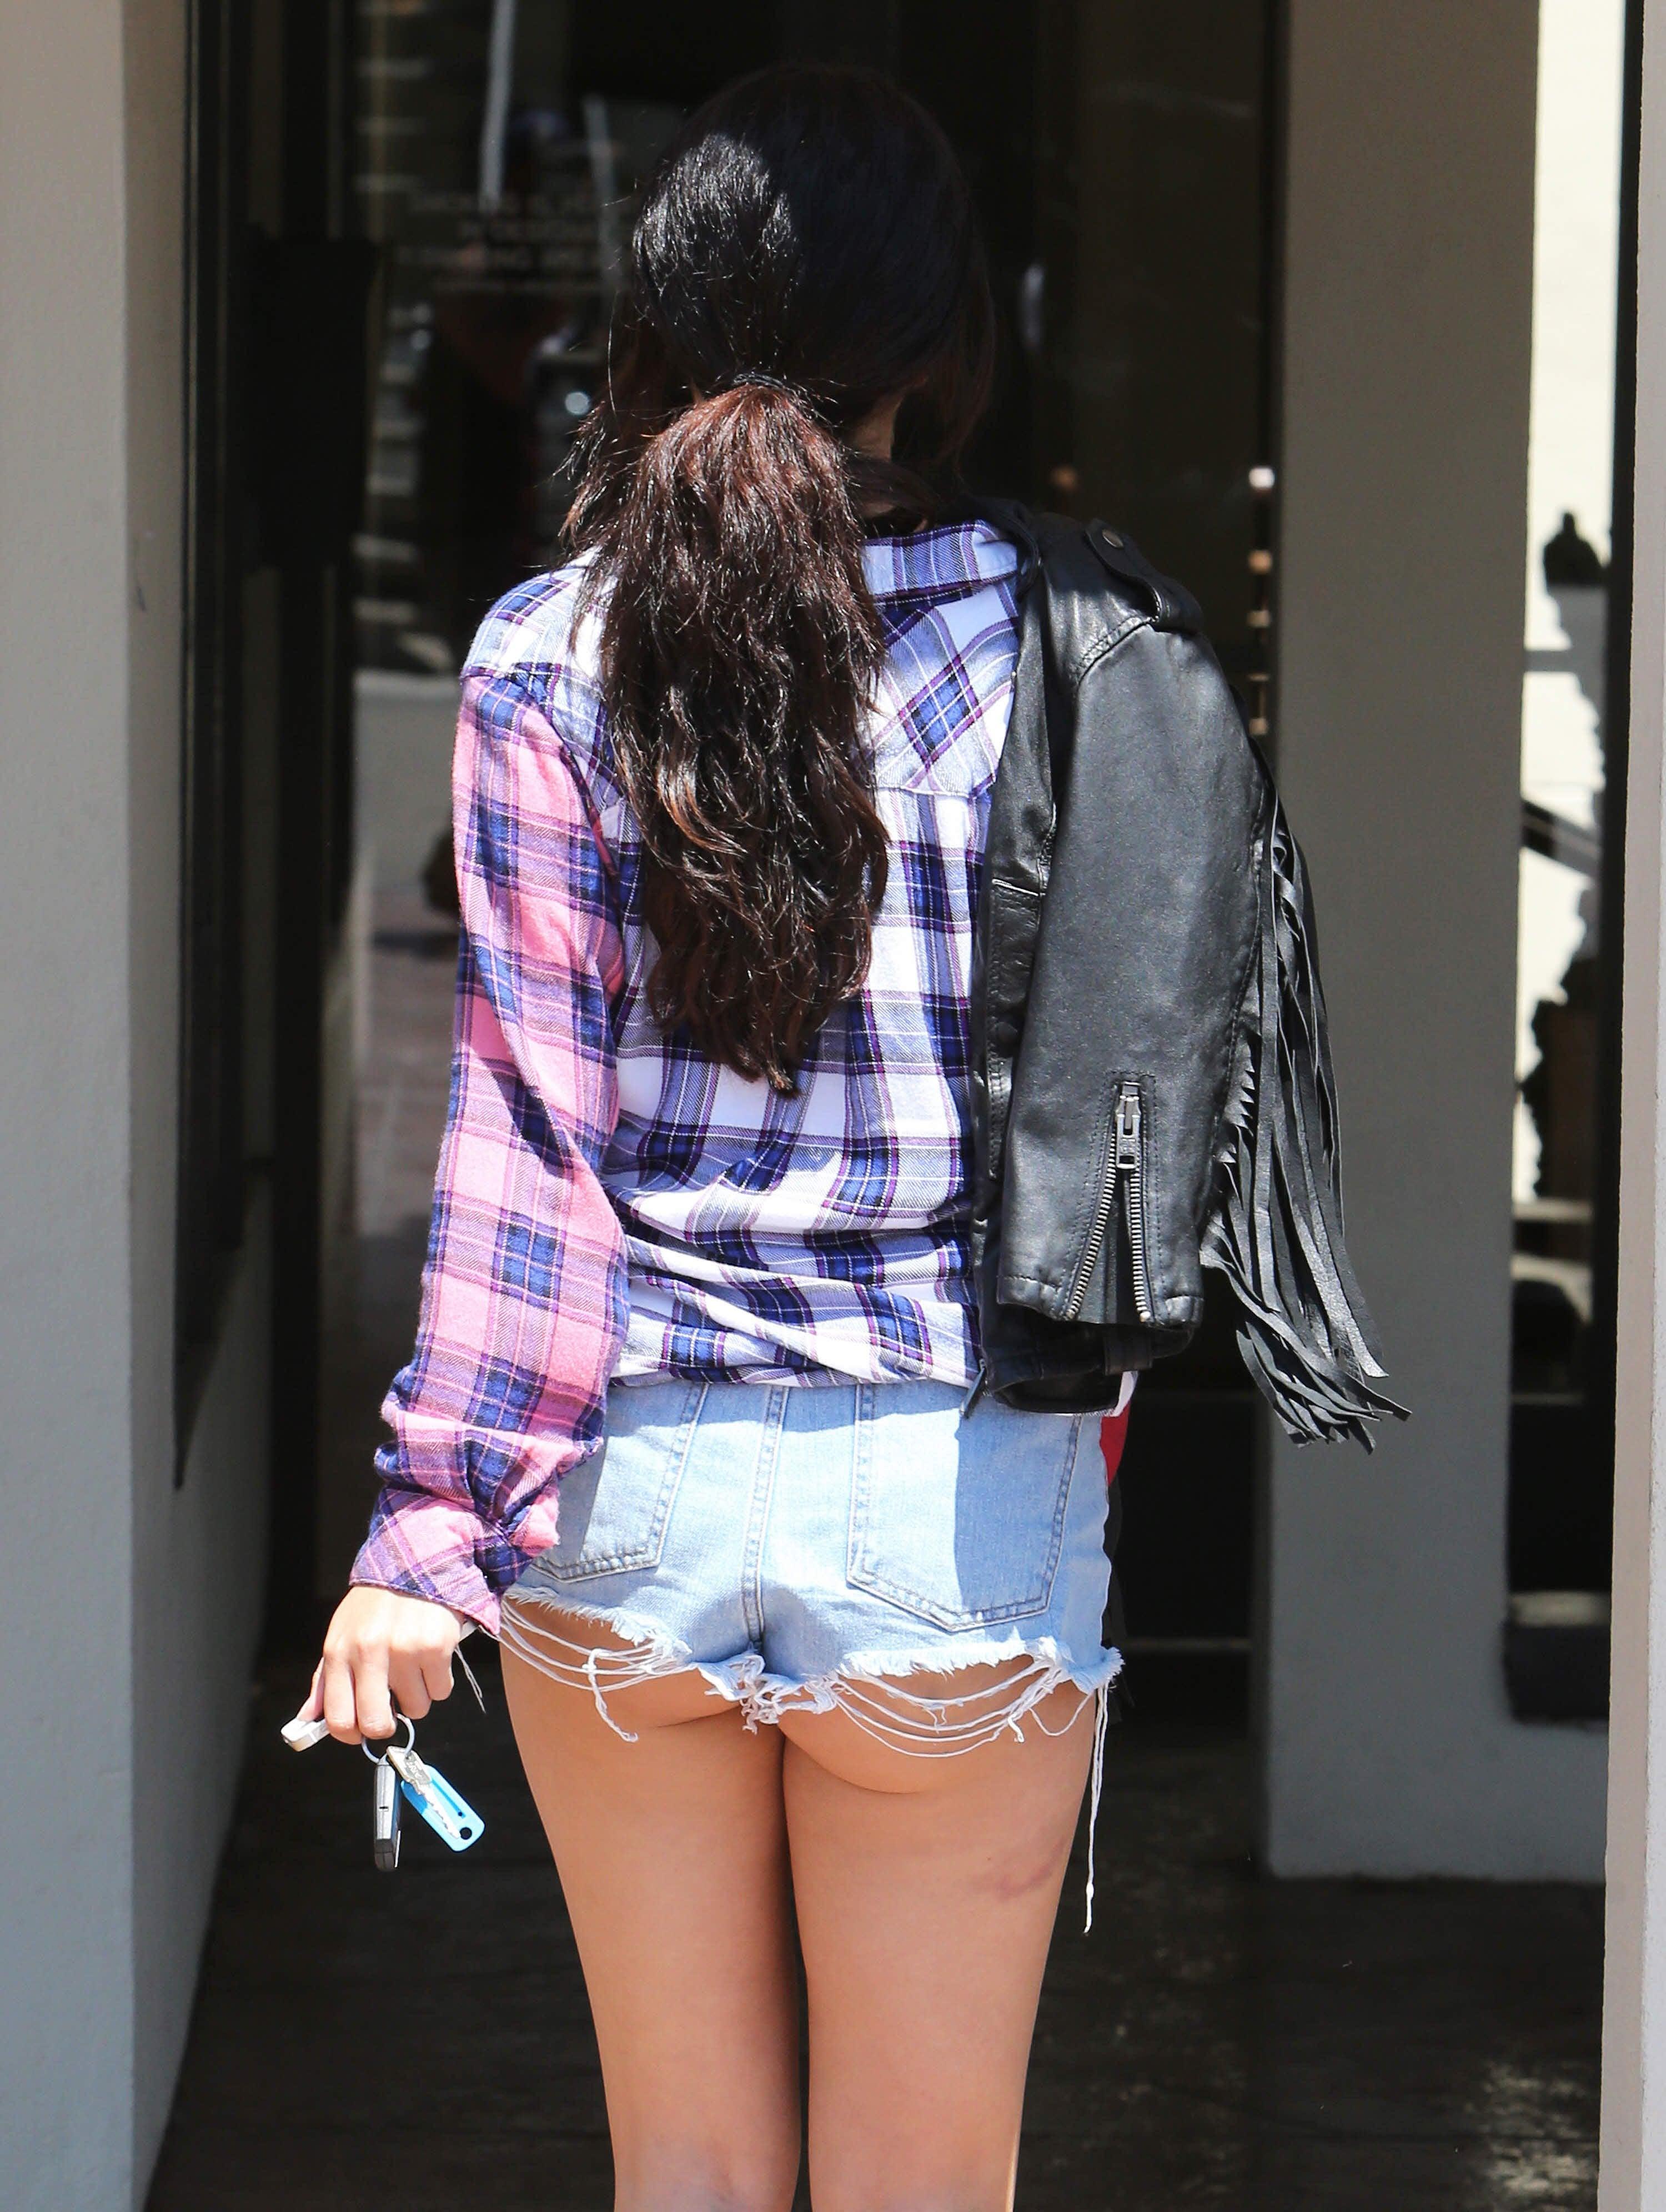 Selena Gomez Butt Picture photo 26